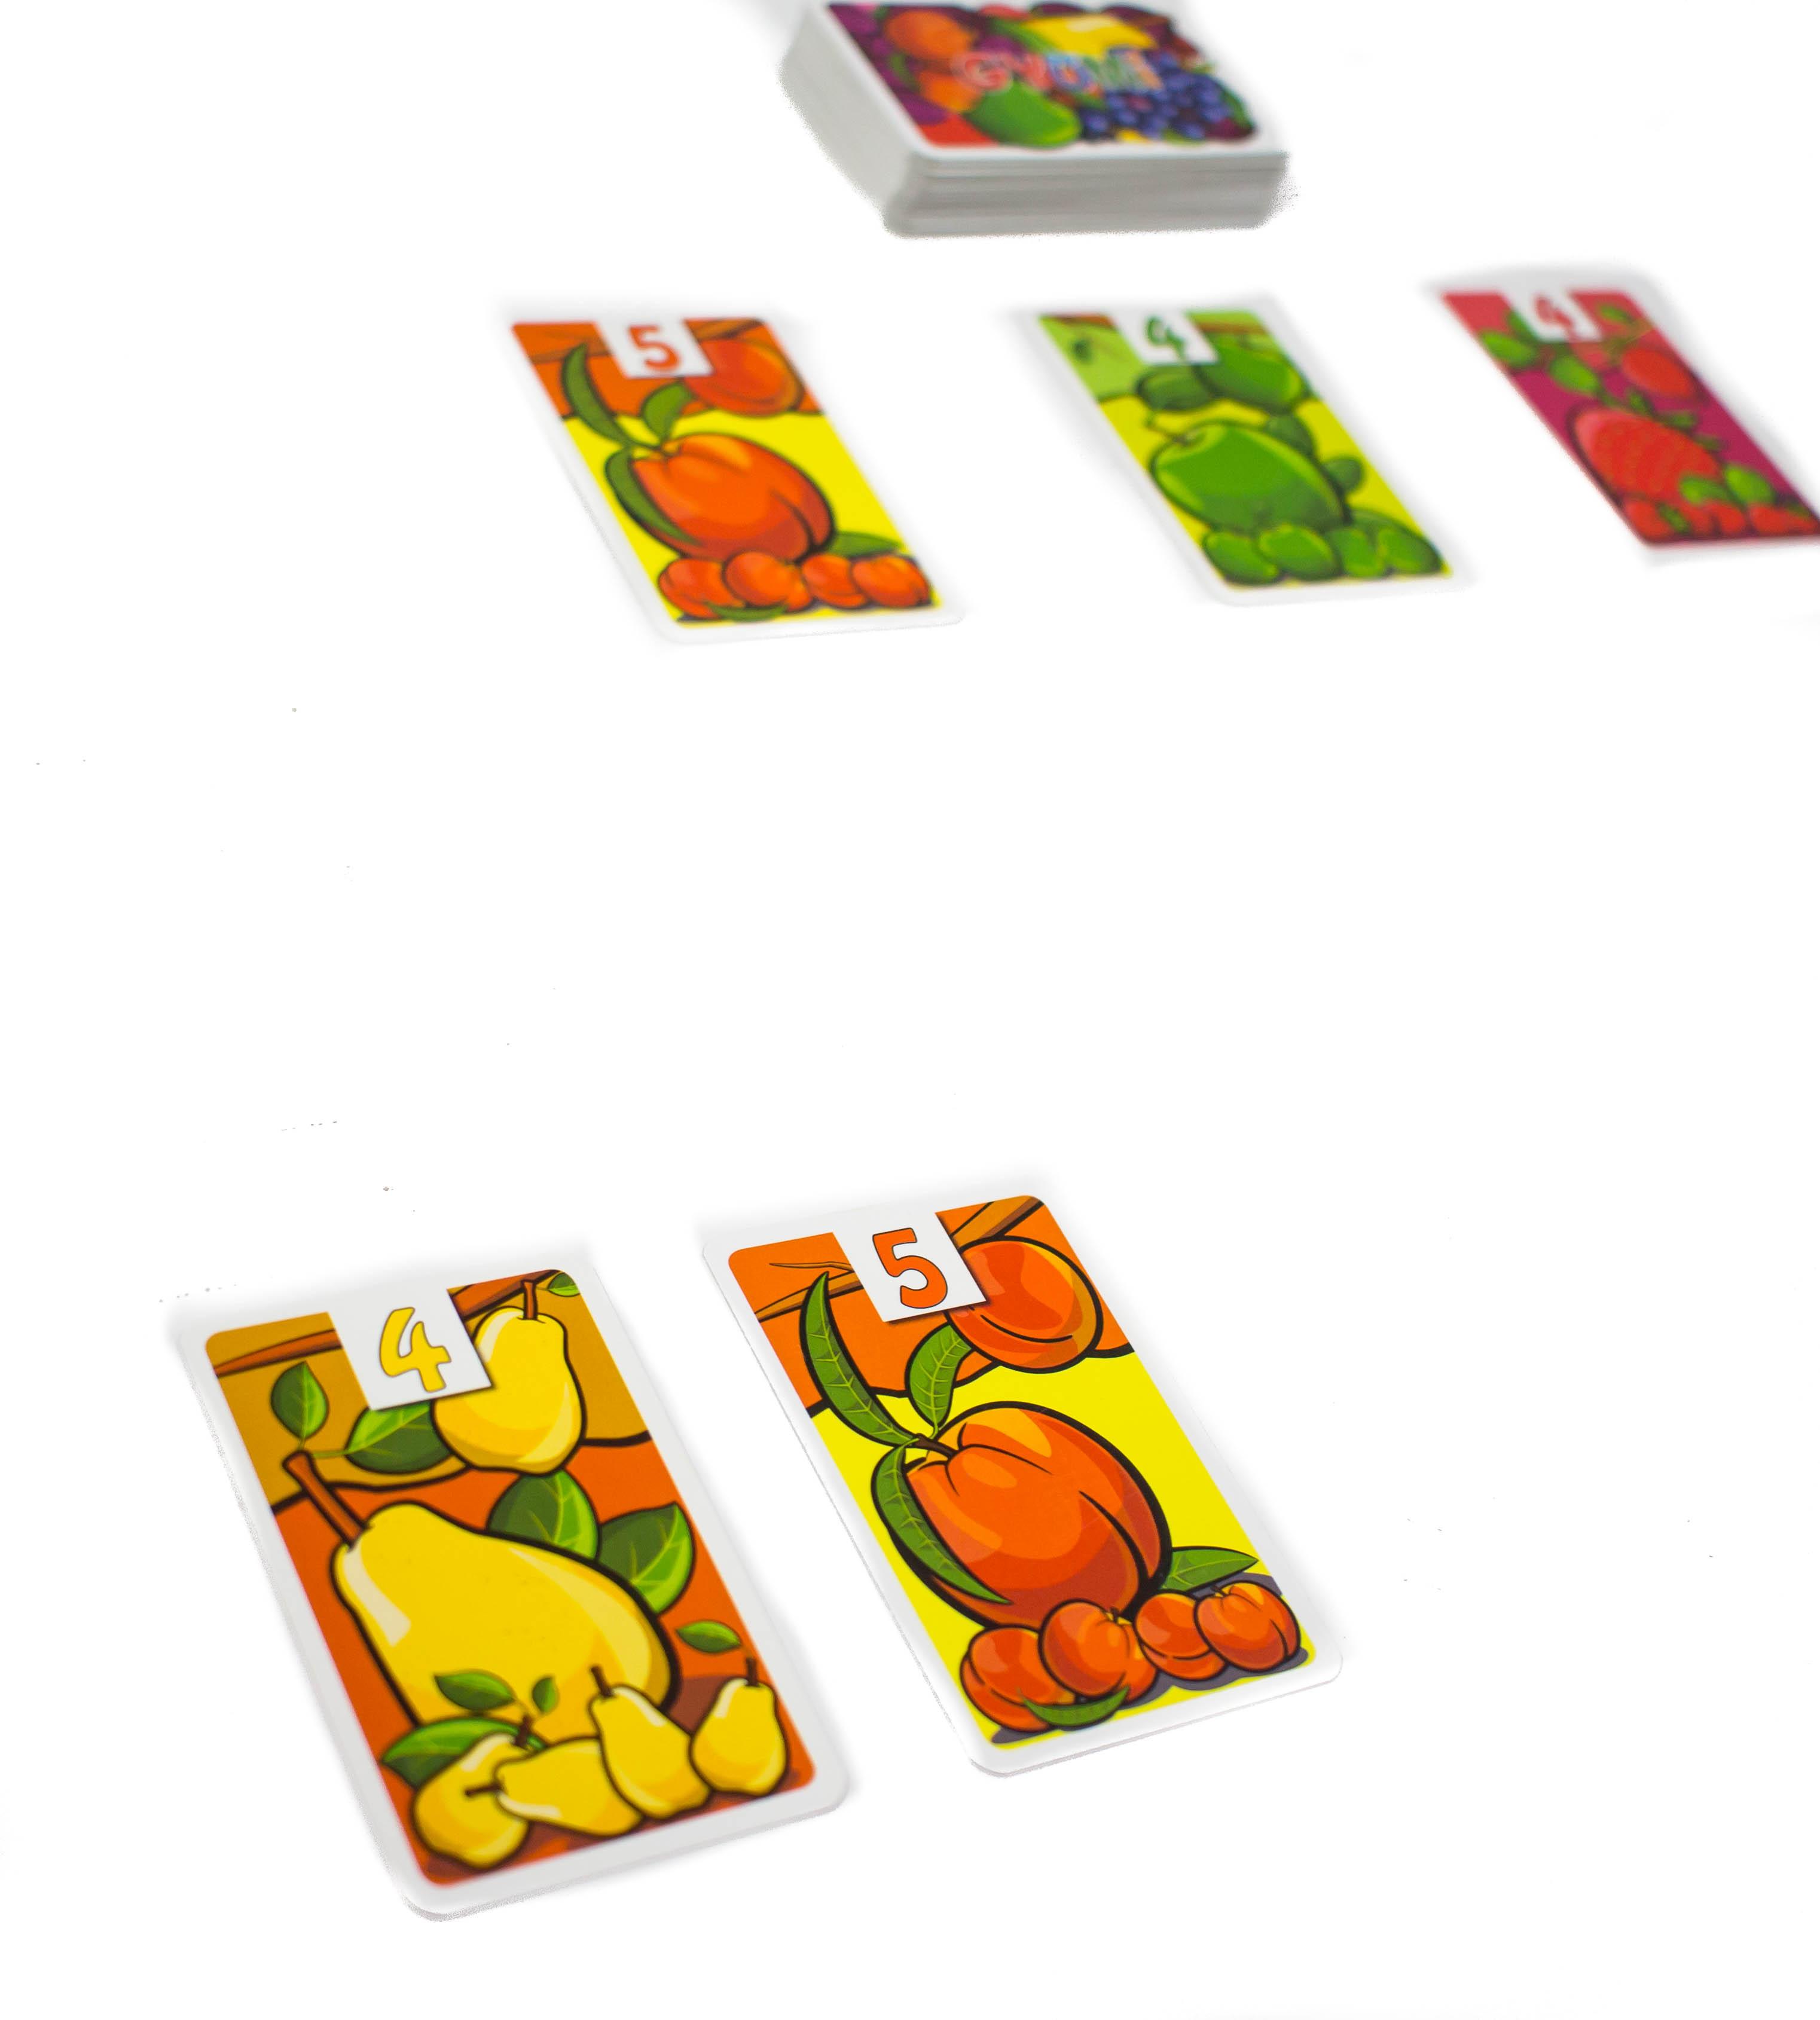 Minden játékos fajtánként egy gyümölcsöt gyűjthet.